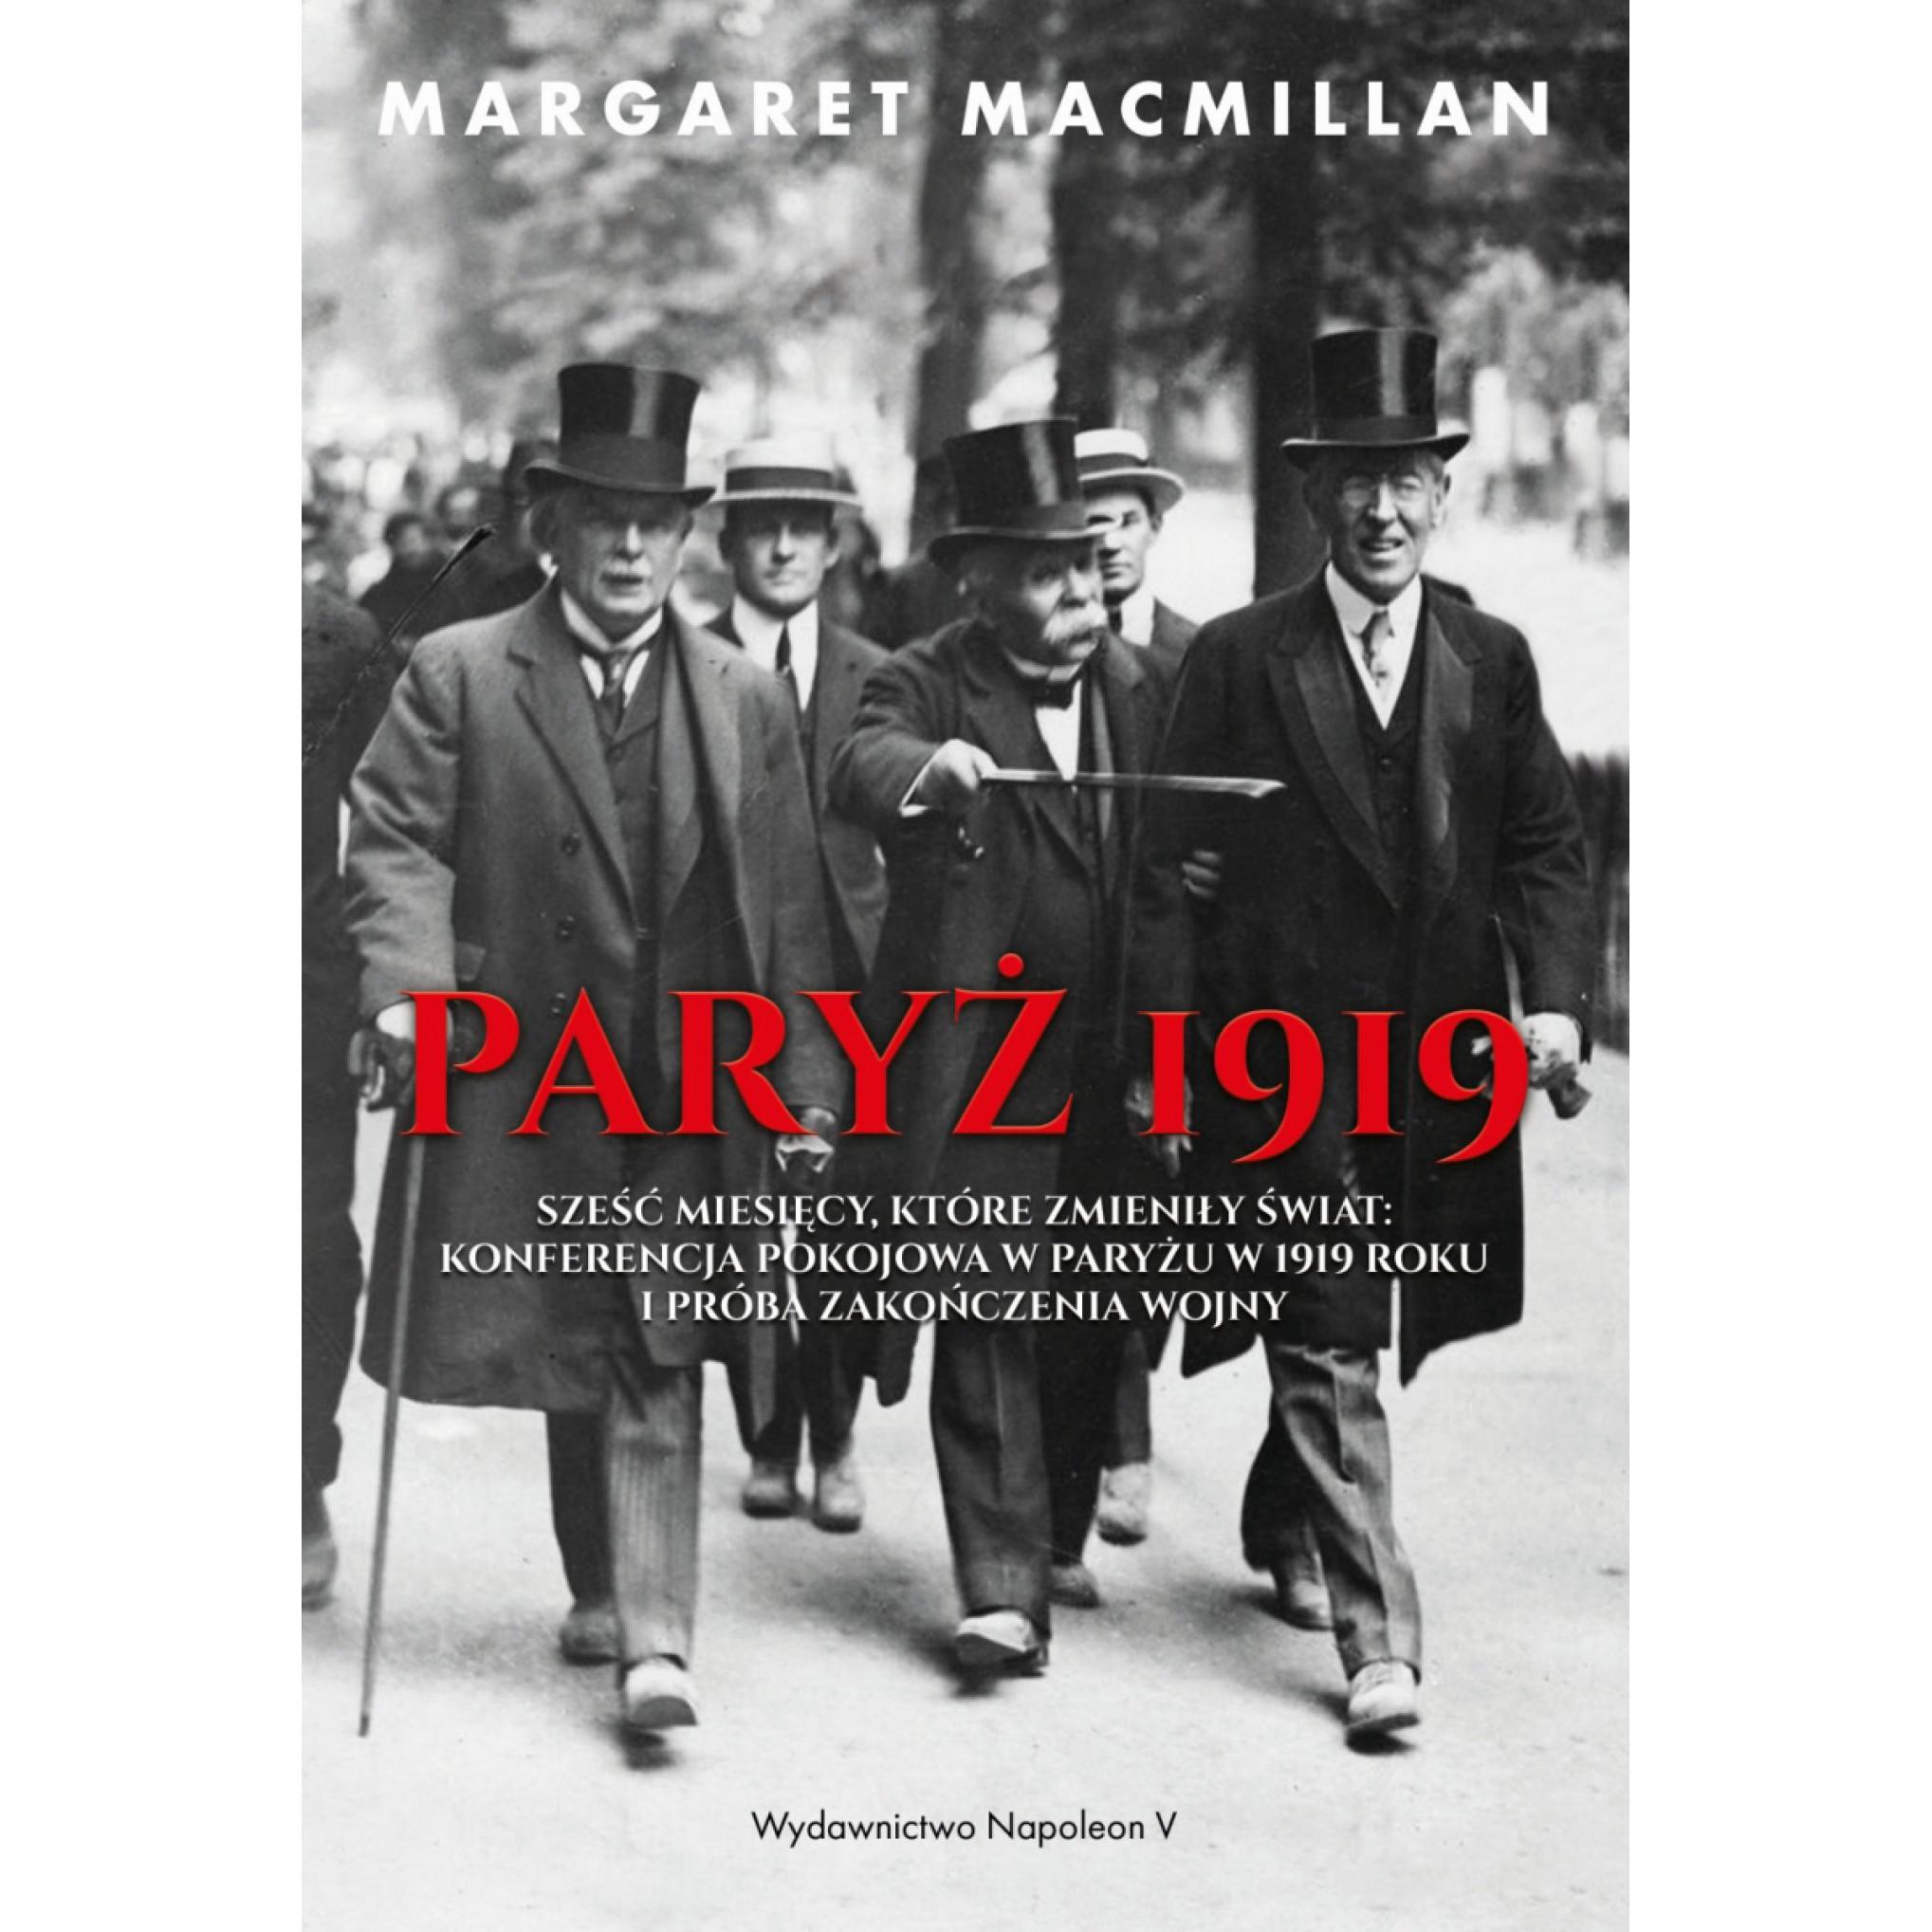 Paryż 1919. Sześć miesięcy, które zmieniły świat konferencja pokojowa w Paryżu w 1919 roku i próba zakończenia wojny